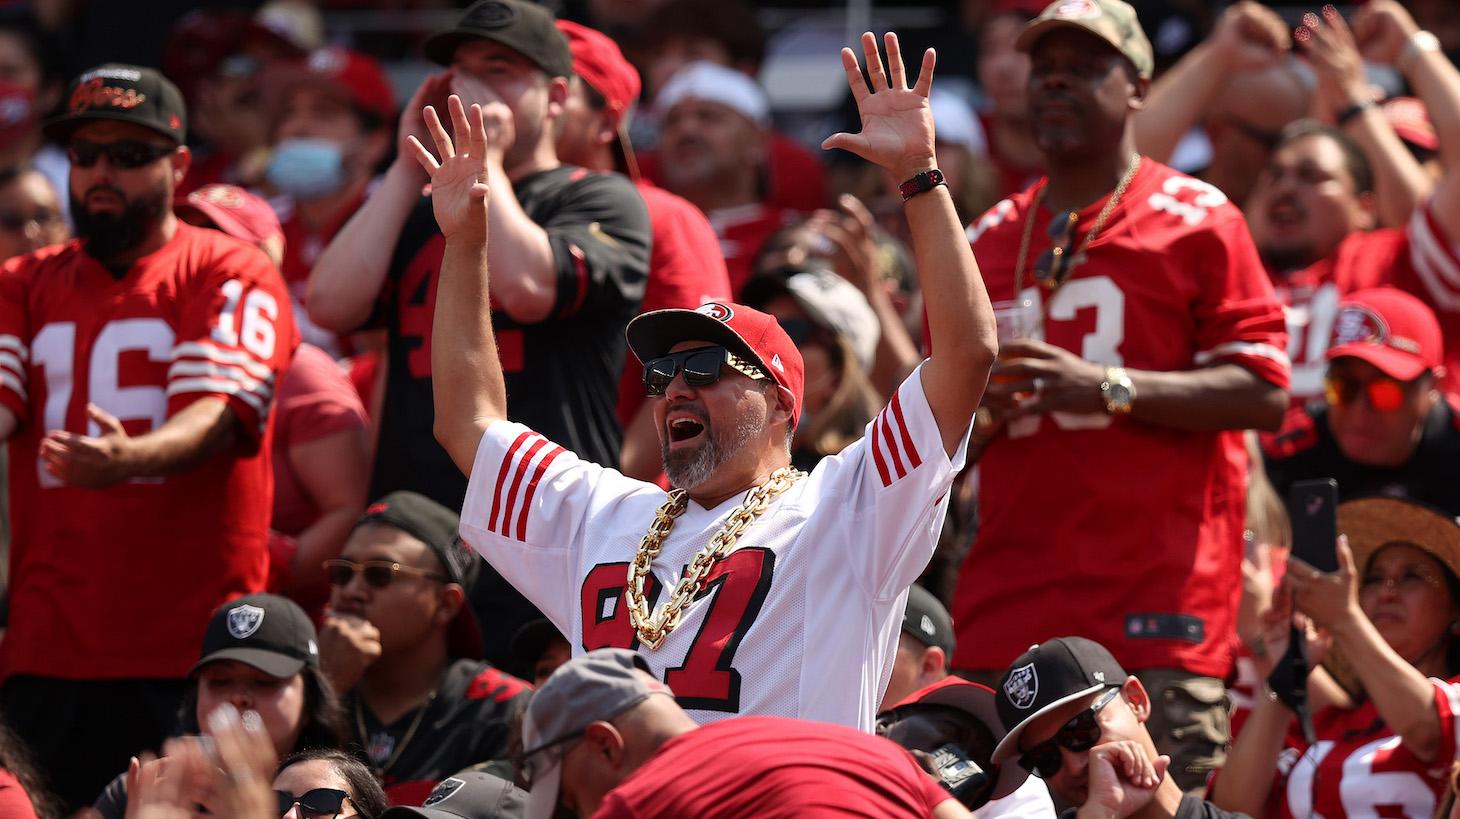 SANTA CLARA, CALIFORNIA - AUGUST 29: San Francisco 49ers fans cheer on their team during their preseason game against the Las Vegas Raiders at Levi's Stadium on August 29, 2021 in Santa Clara, California. (Photo by Ezra Shaw/Getty Images)